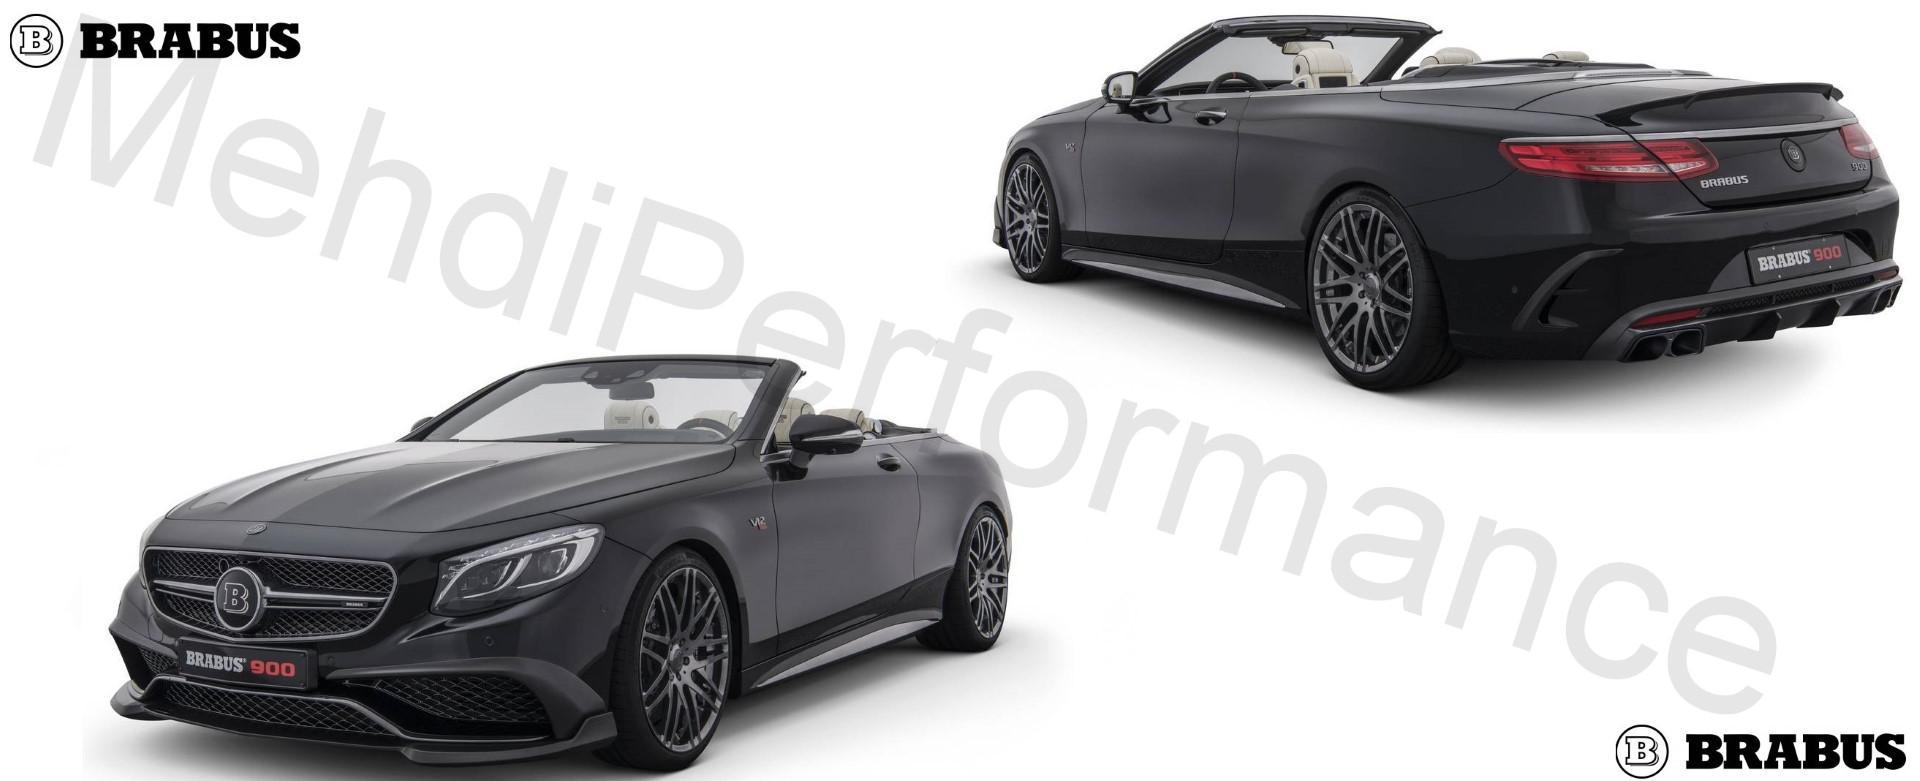 le-cabriolet-4-places-le-plus-puissant-et-le-plus-rapide-au-monde-brabus-rocket-900-cabriolet-411-7.jpg